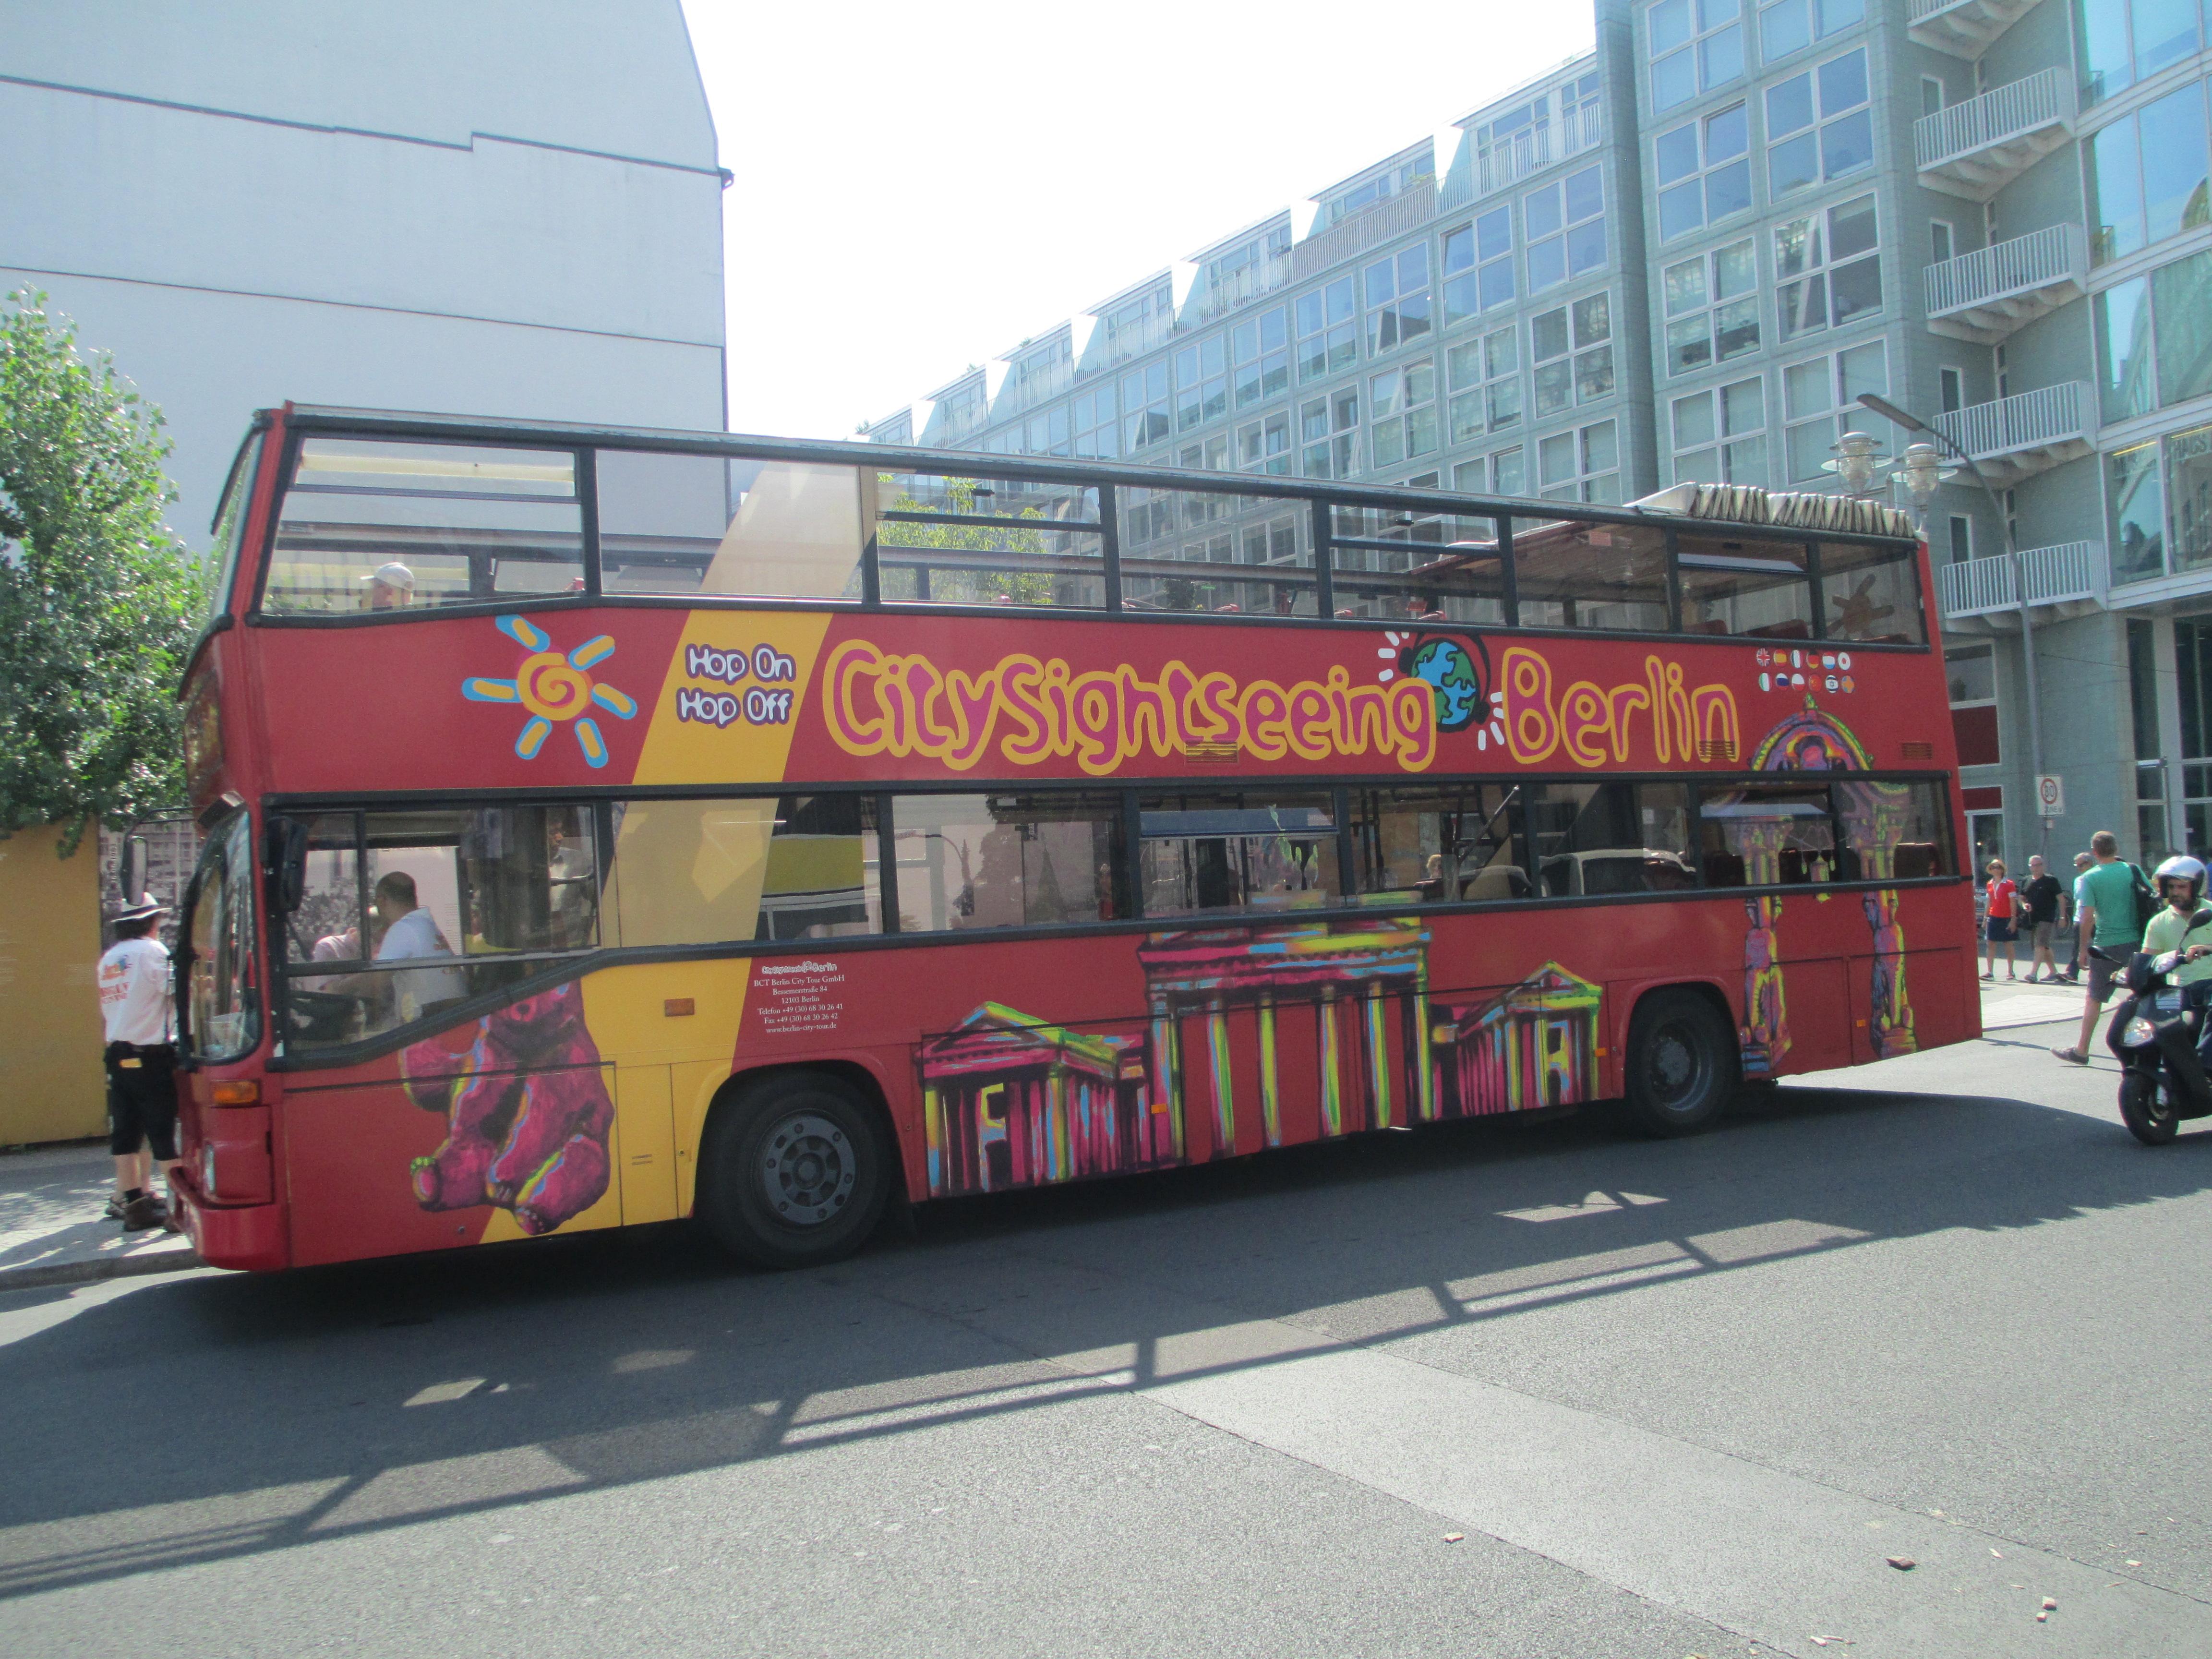 File Sightseeing Double Decker Bus In Berlin Jpg Wikimedia Commons